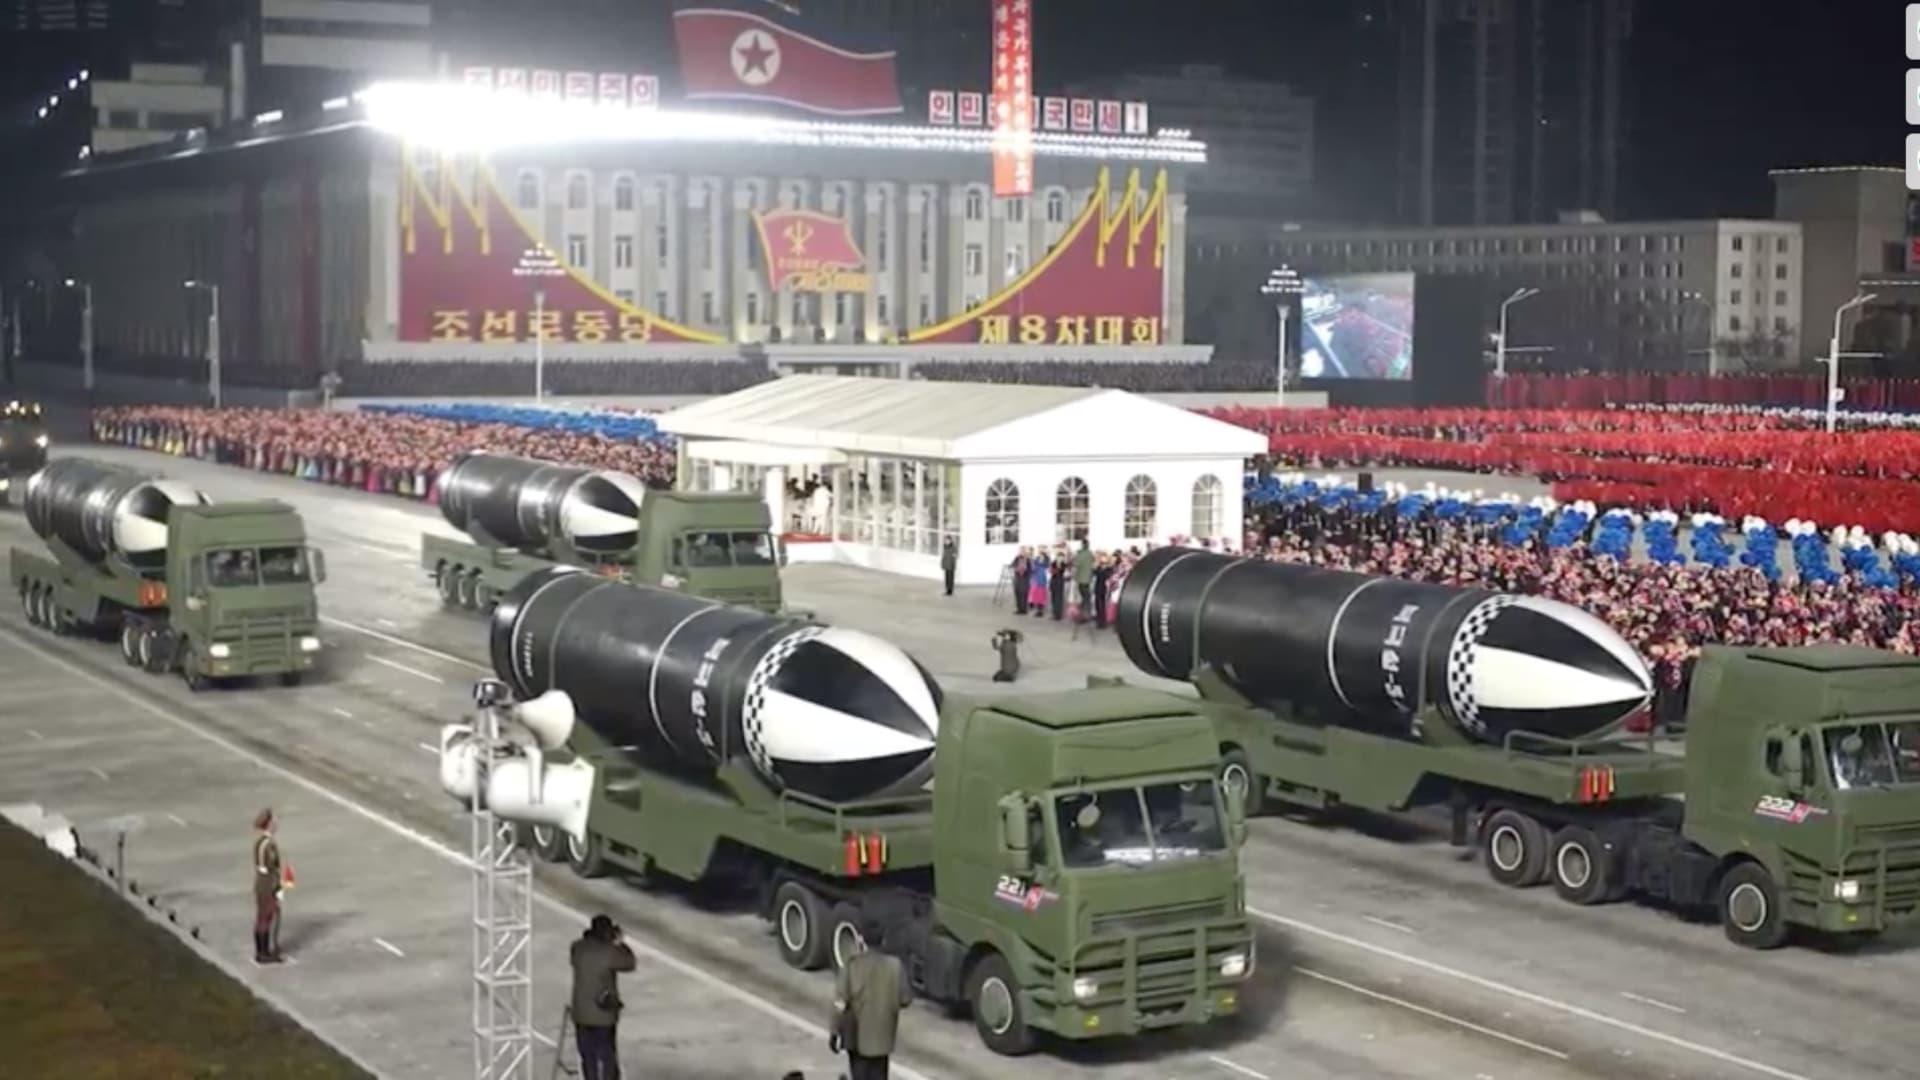 """""""أقوى سلاح في العالم"""".. كوريا الشمالية تكشف عن صاروخ باليستي جديد"""